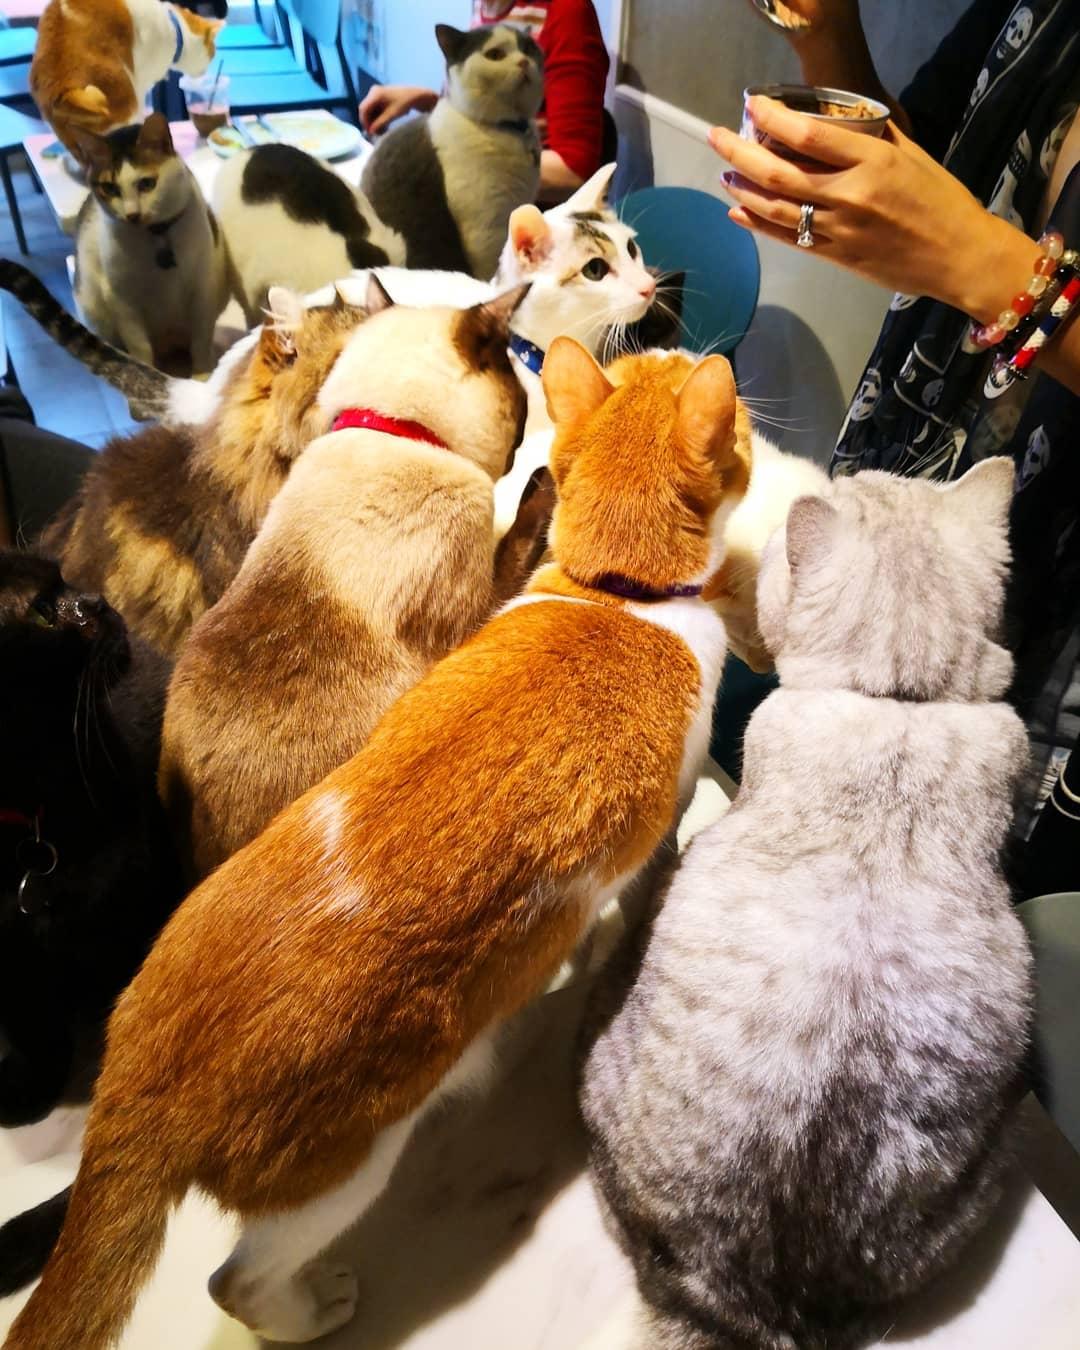 貓奴 寵物 貓Cafe 良心小店 主子 URBAN Cafe 油麻地 觀塘 貓糧 貓罐頭